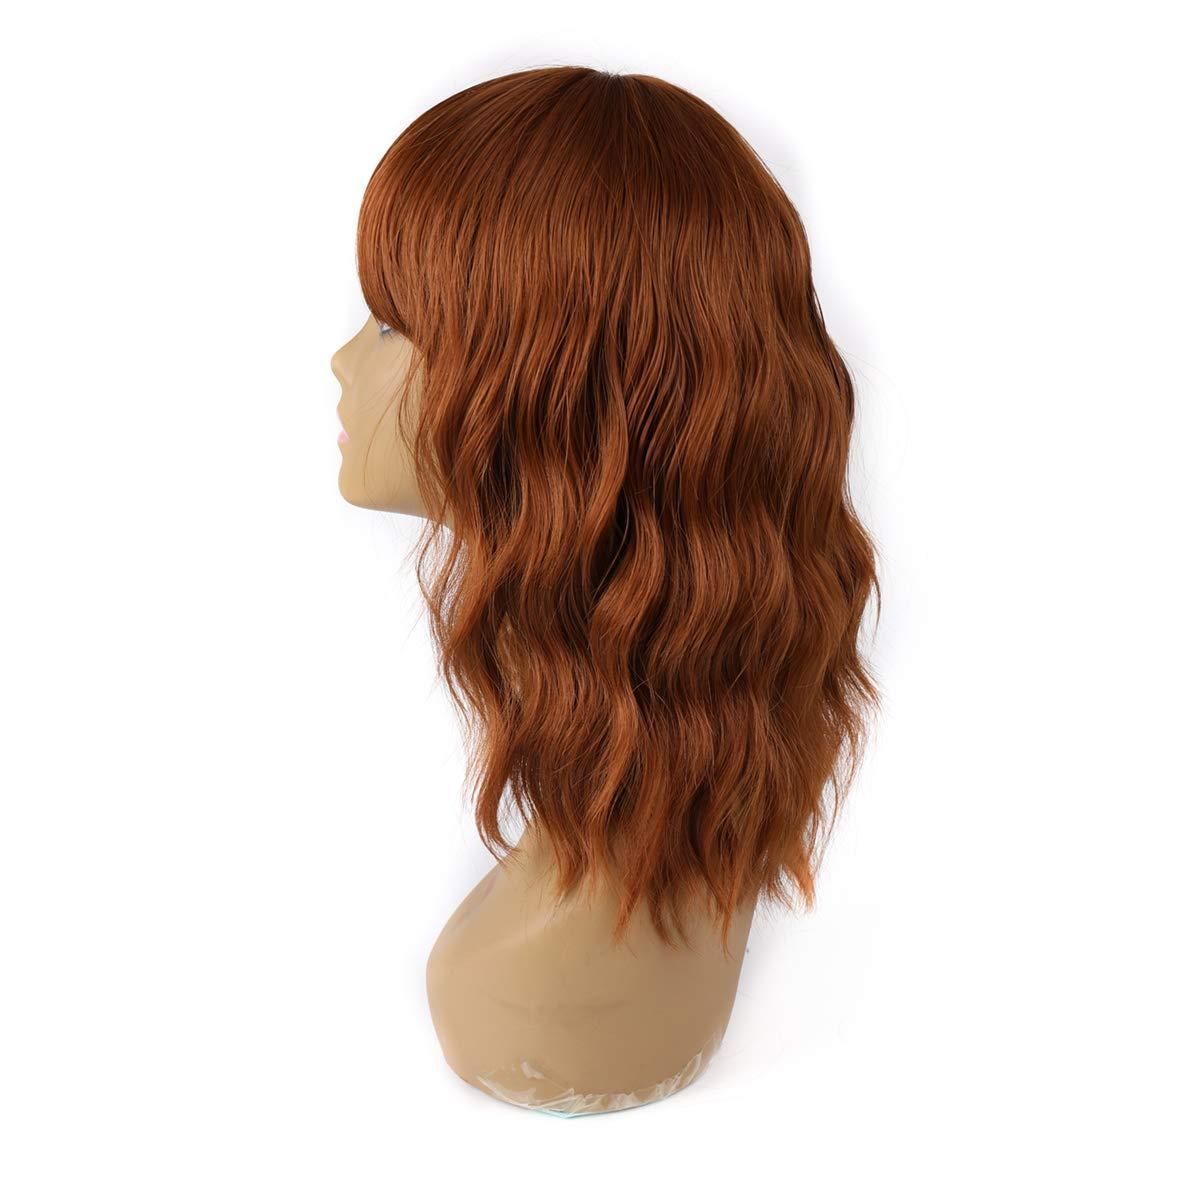 Élégant Off perruque noire avec frange courte perruque Bob pour les femmes de Charme naturel Wavy Perruques